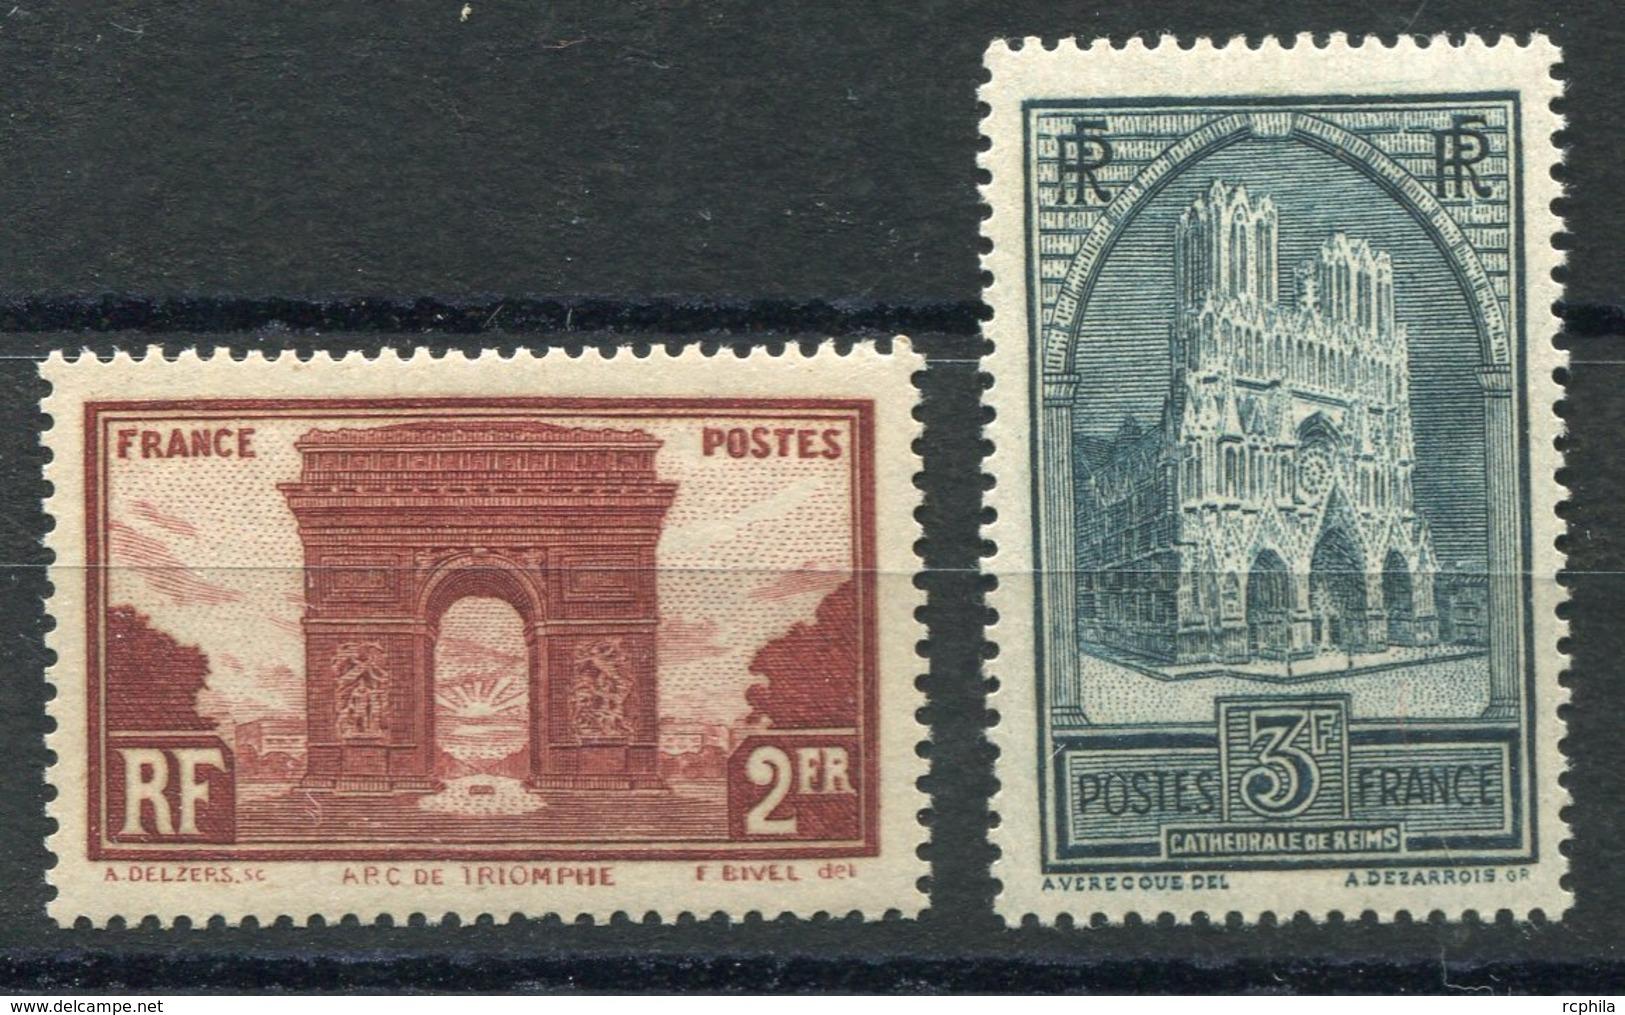 RC 10650 FRANCE N° 258 + 259 TYPE IV - ARC DE TRIOMPHE + CATHÉDRALE DE REIMS COTE 119€ NEUF * - France